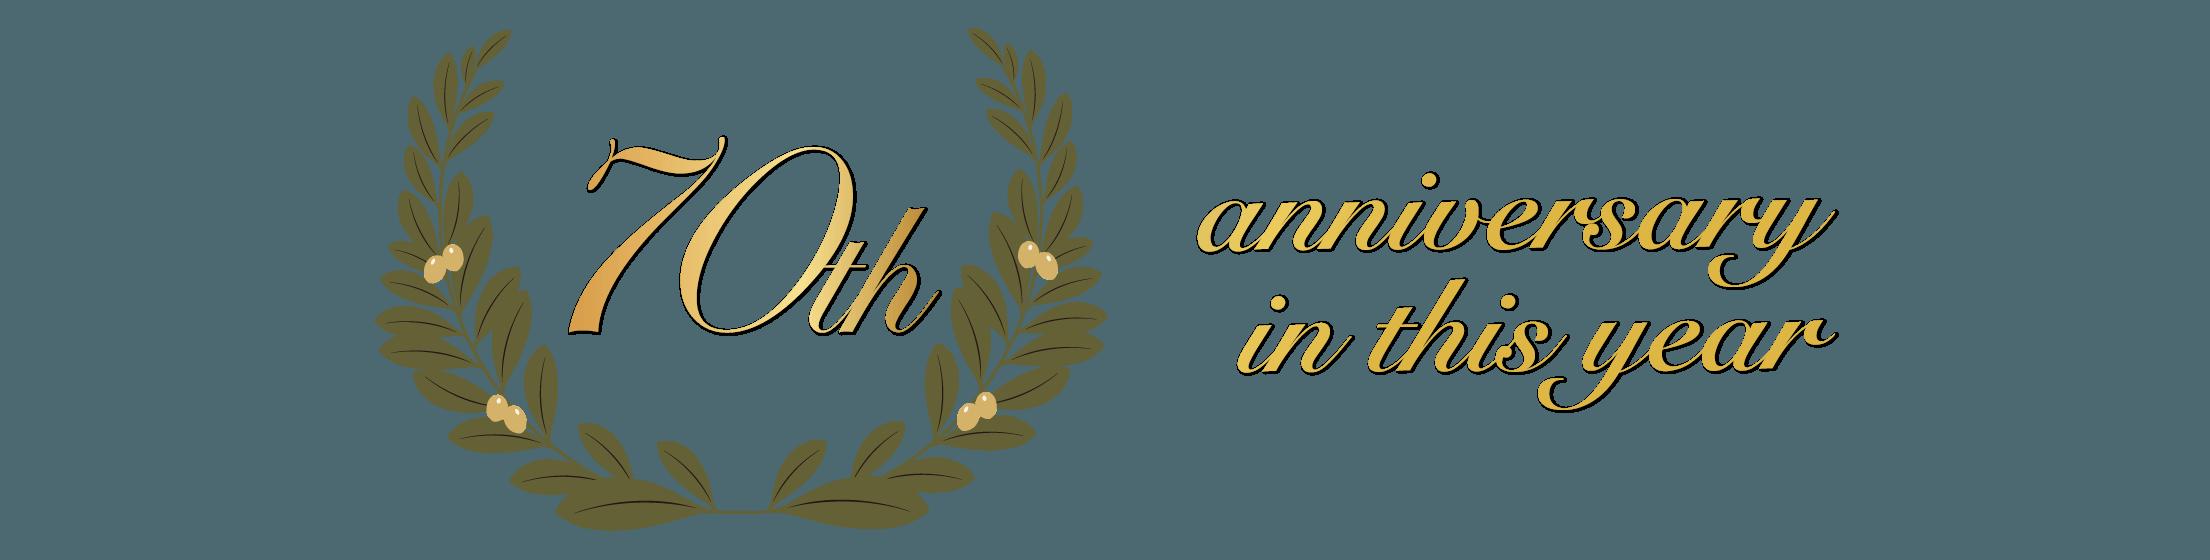 創立70周年記念メッセージ